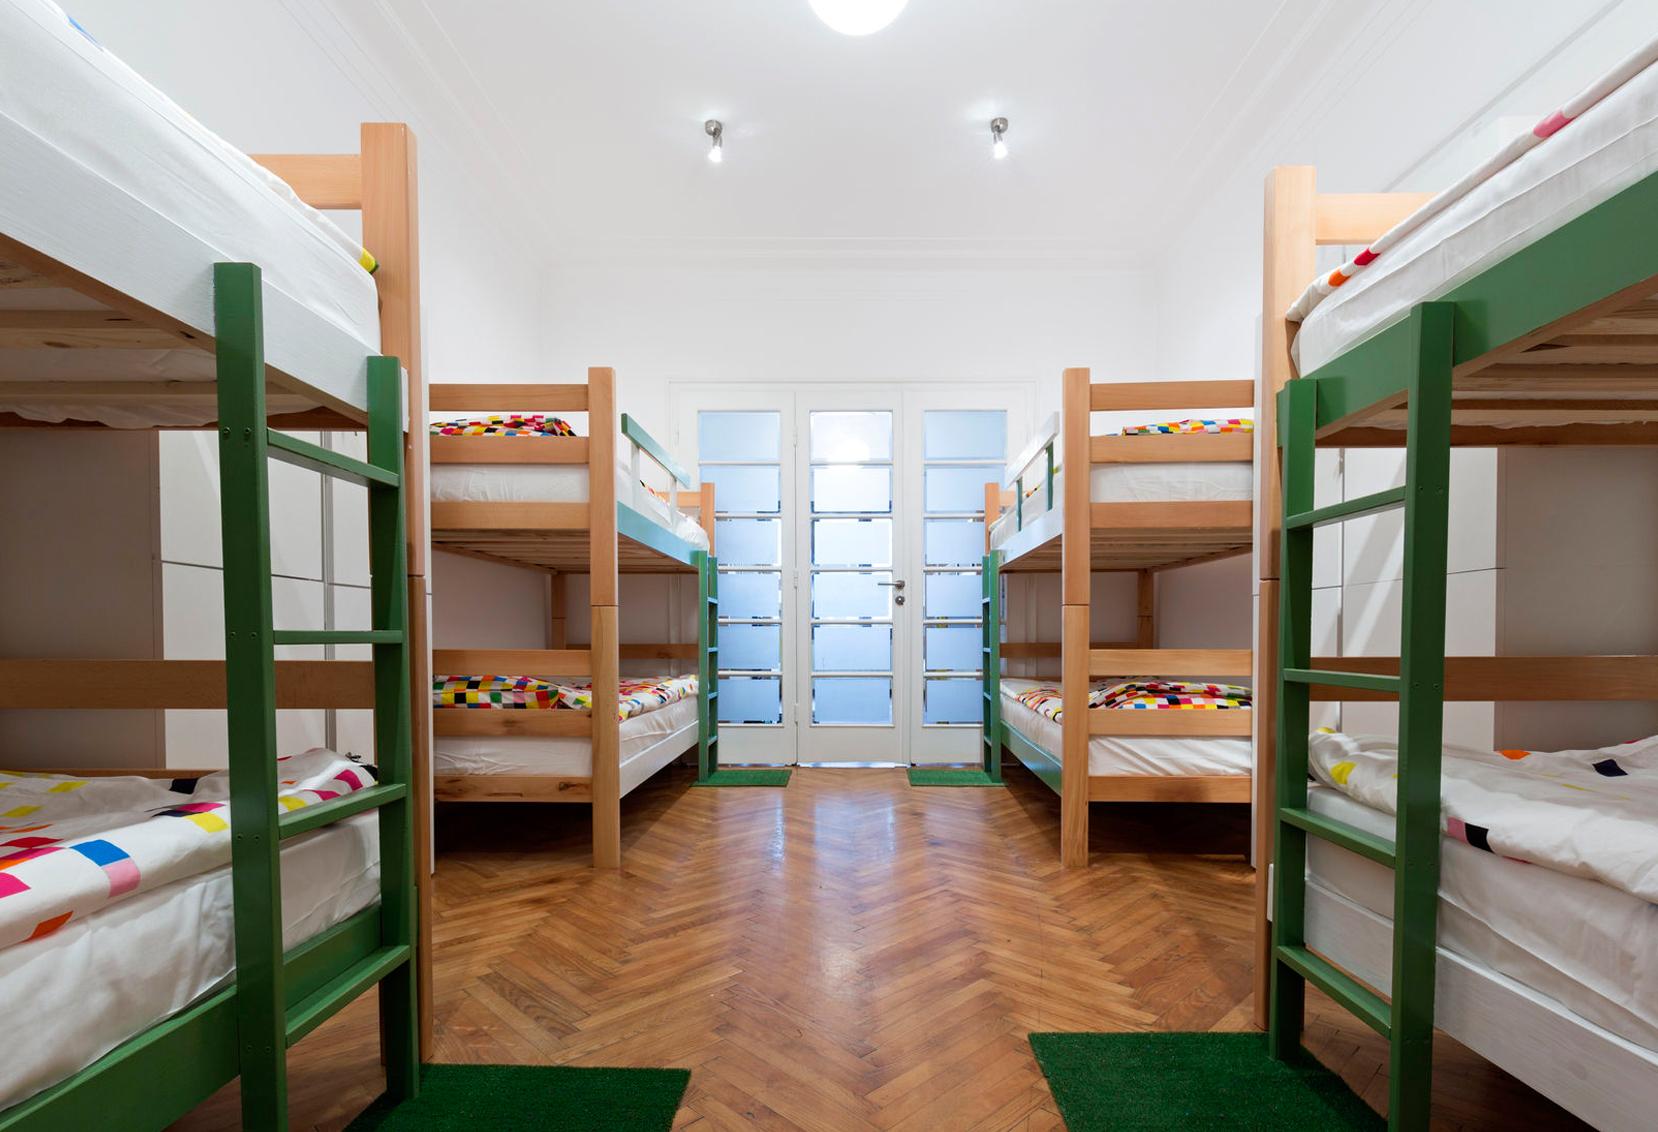 Hostels : Opção Barata De Hospedagem